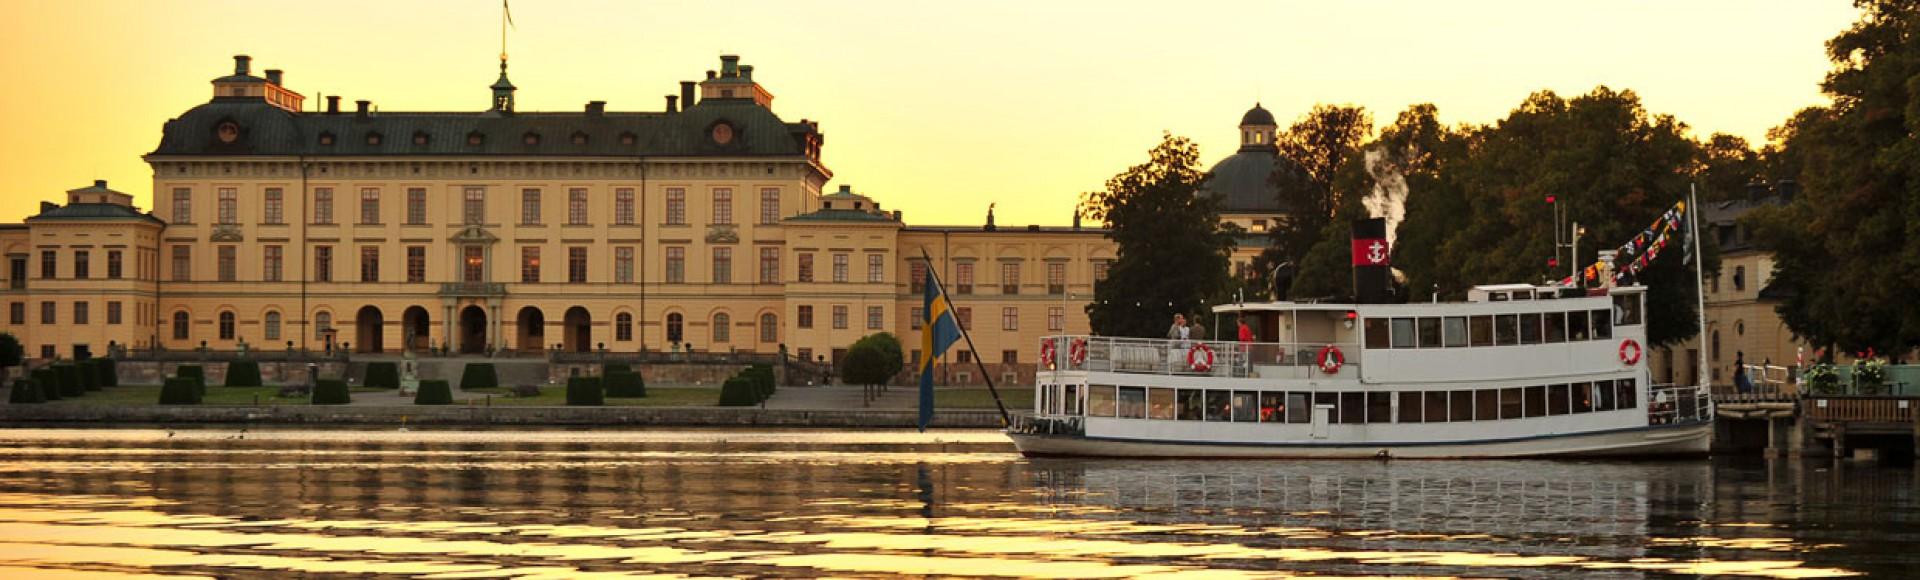 16 creuers, excursions i sortides en vaixell per Estocolm i l'arxipelag